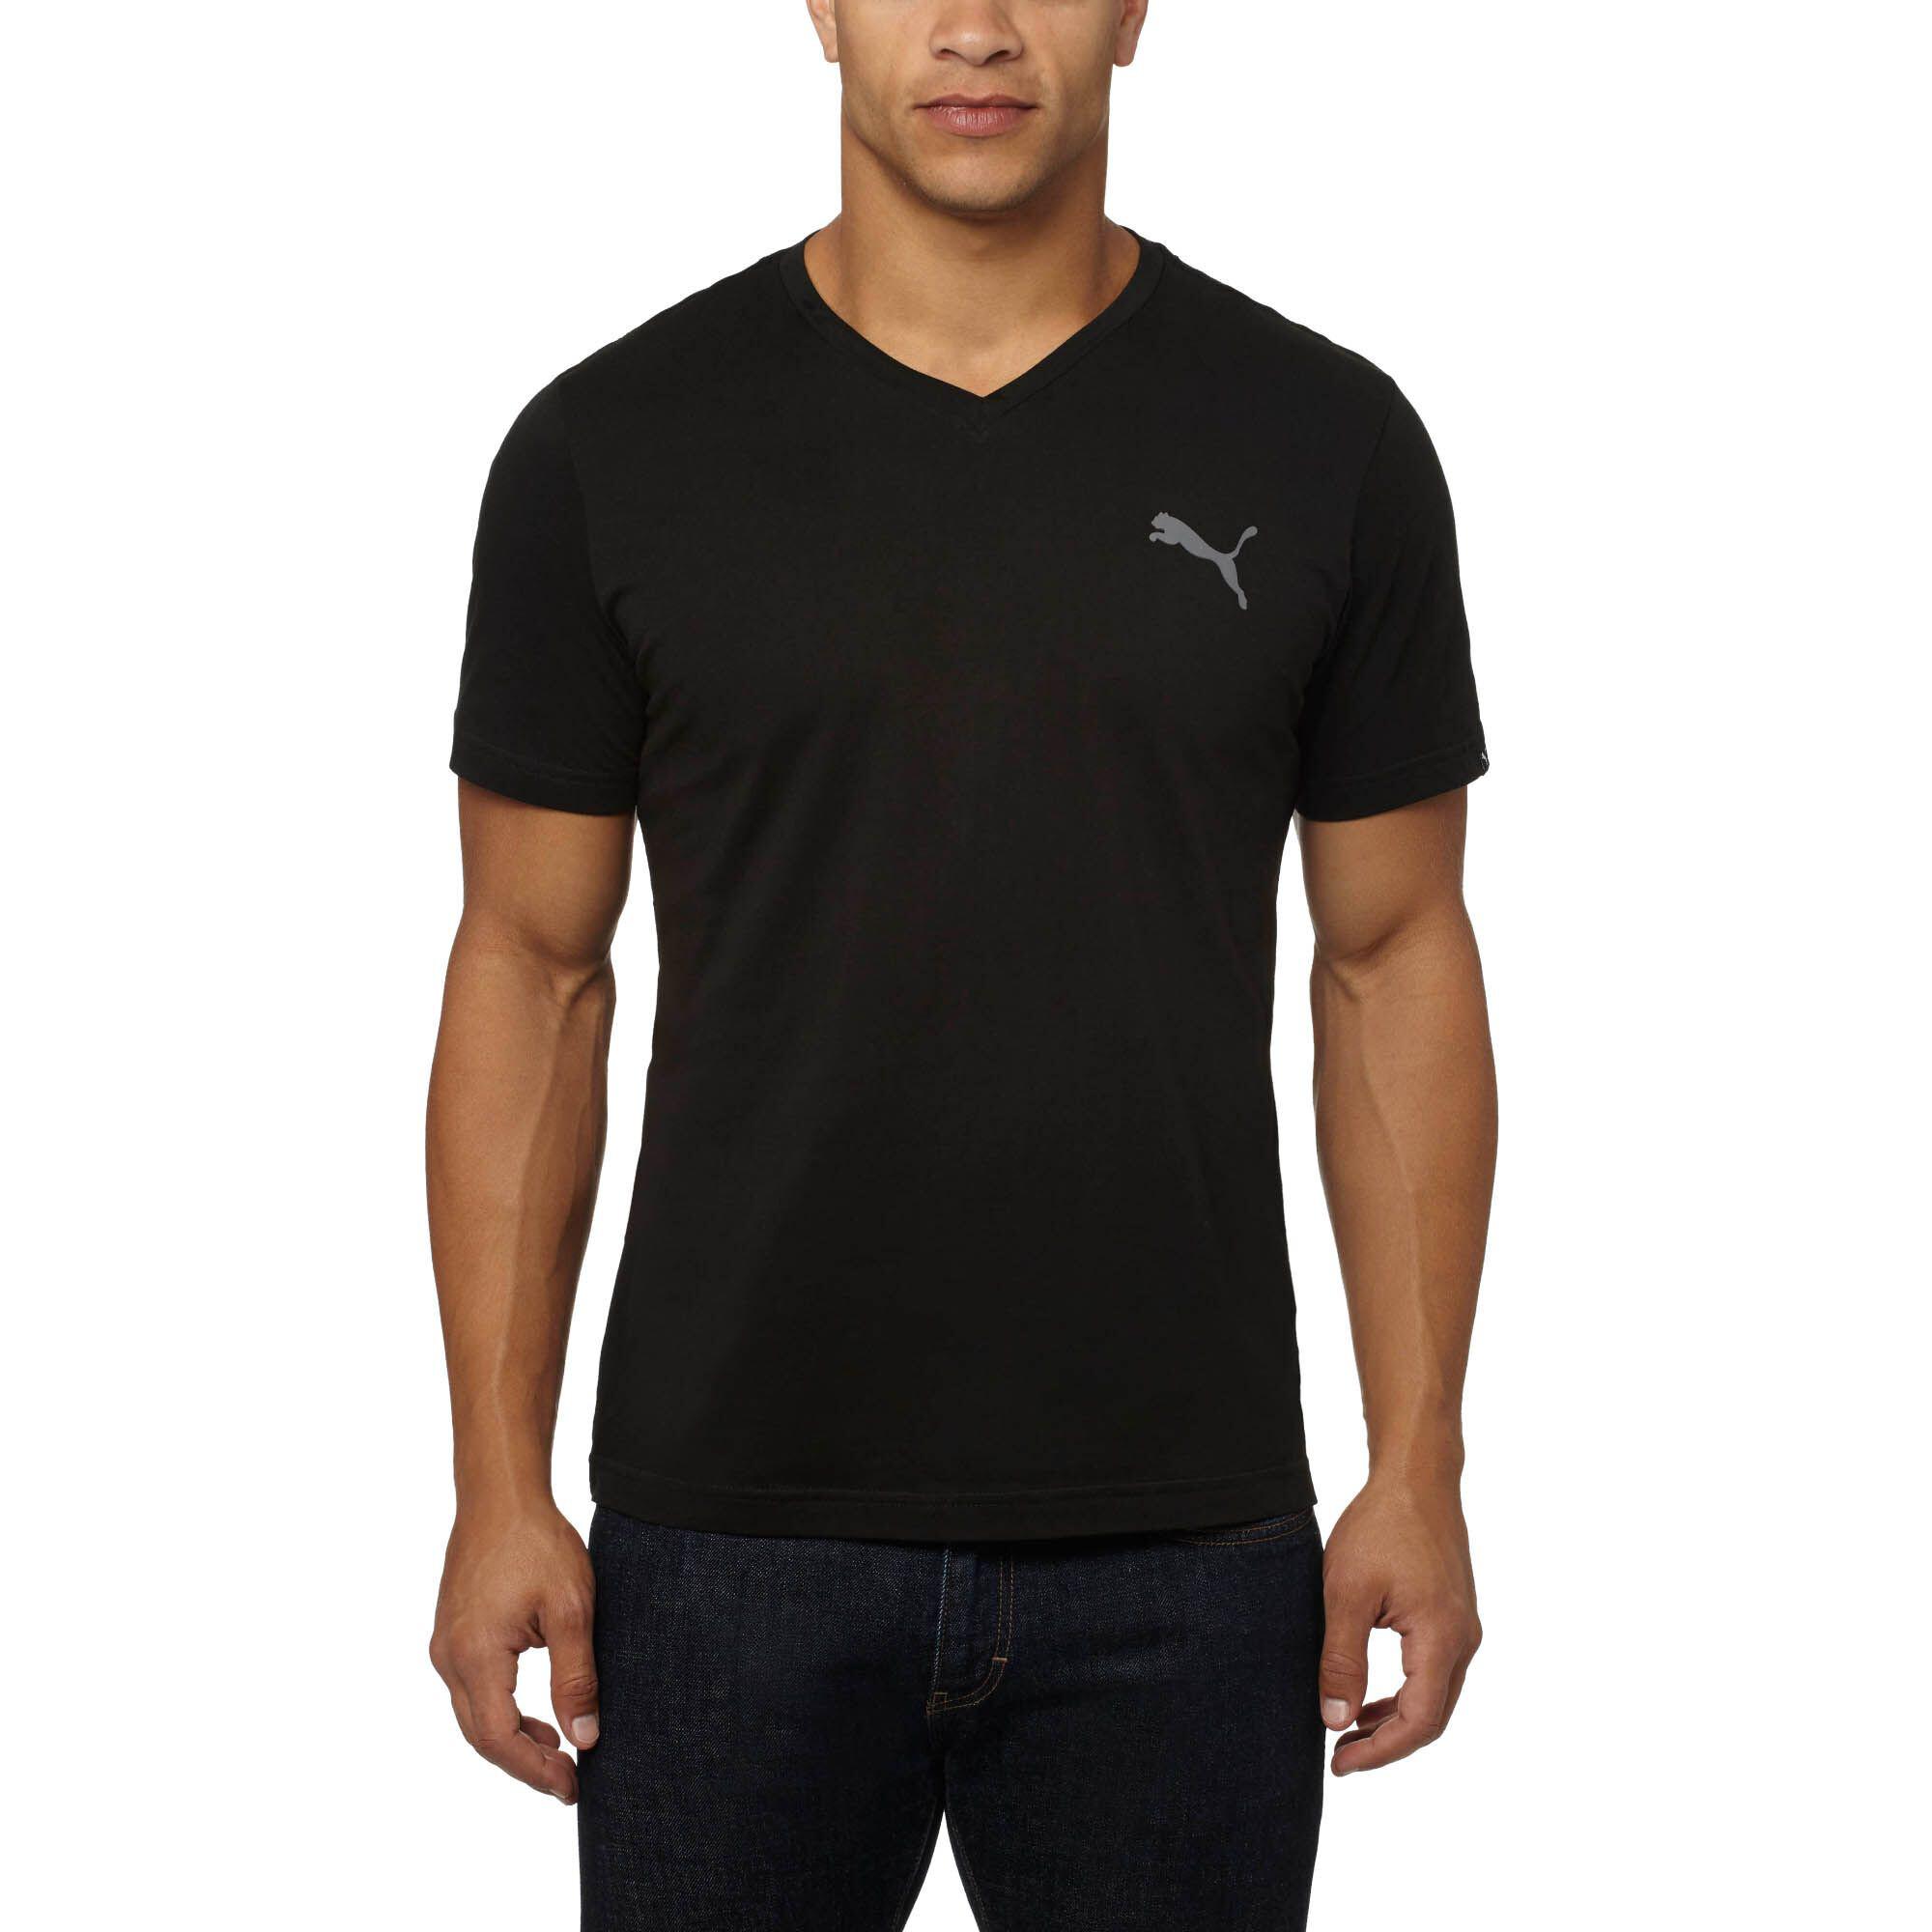 PUMA-Iconic-V-Neck-T-Shirt-Men-Tee-Basics thumbnail 14